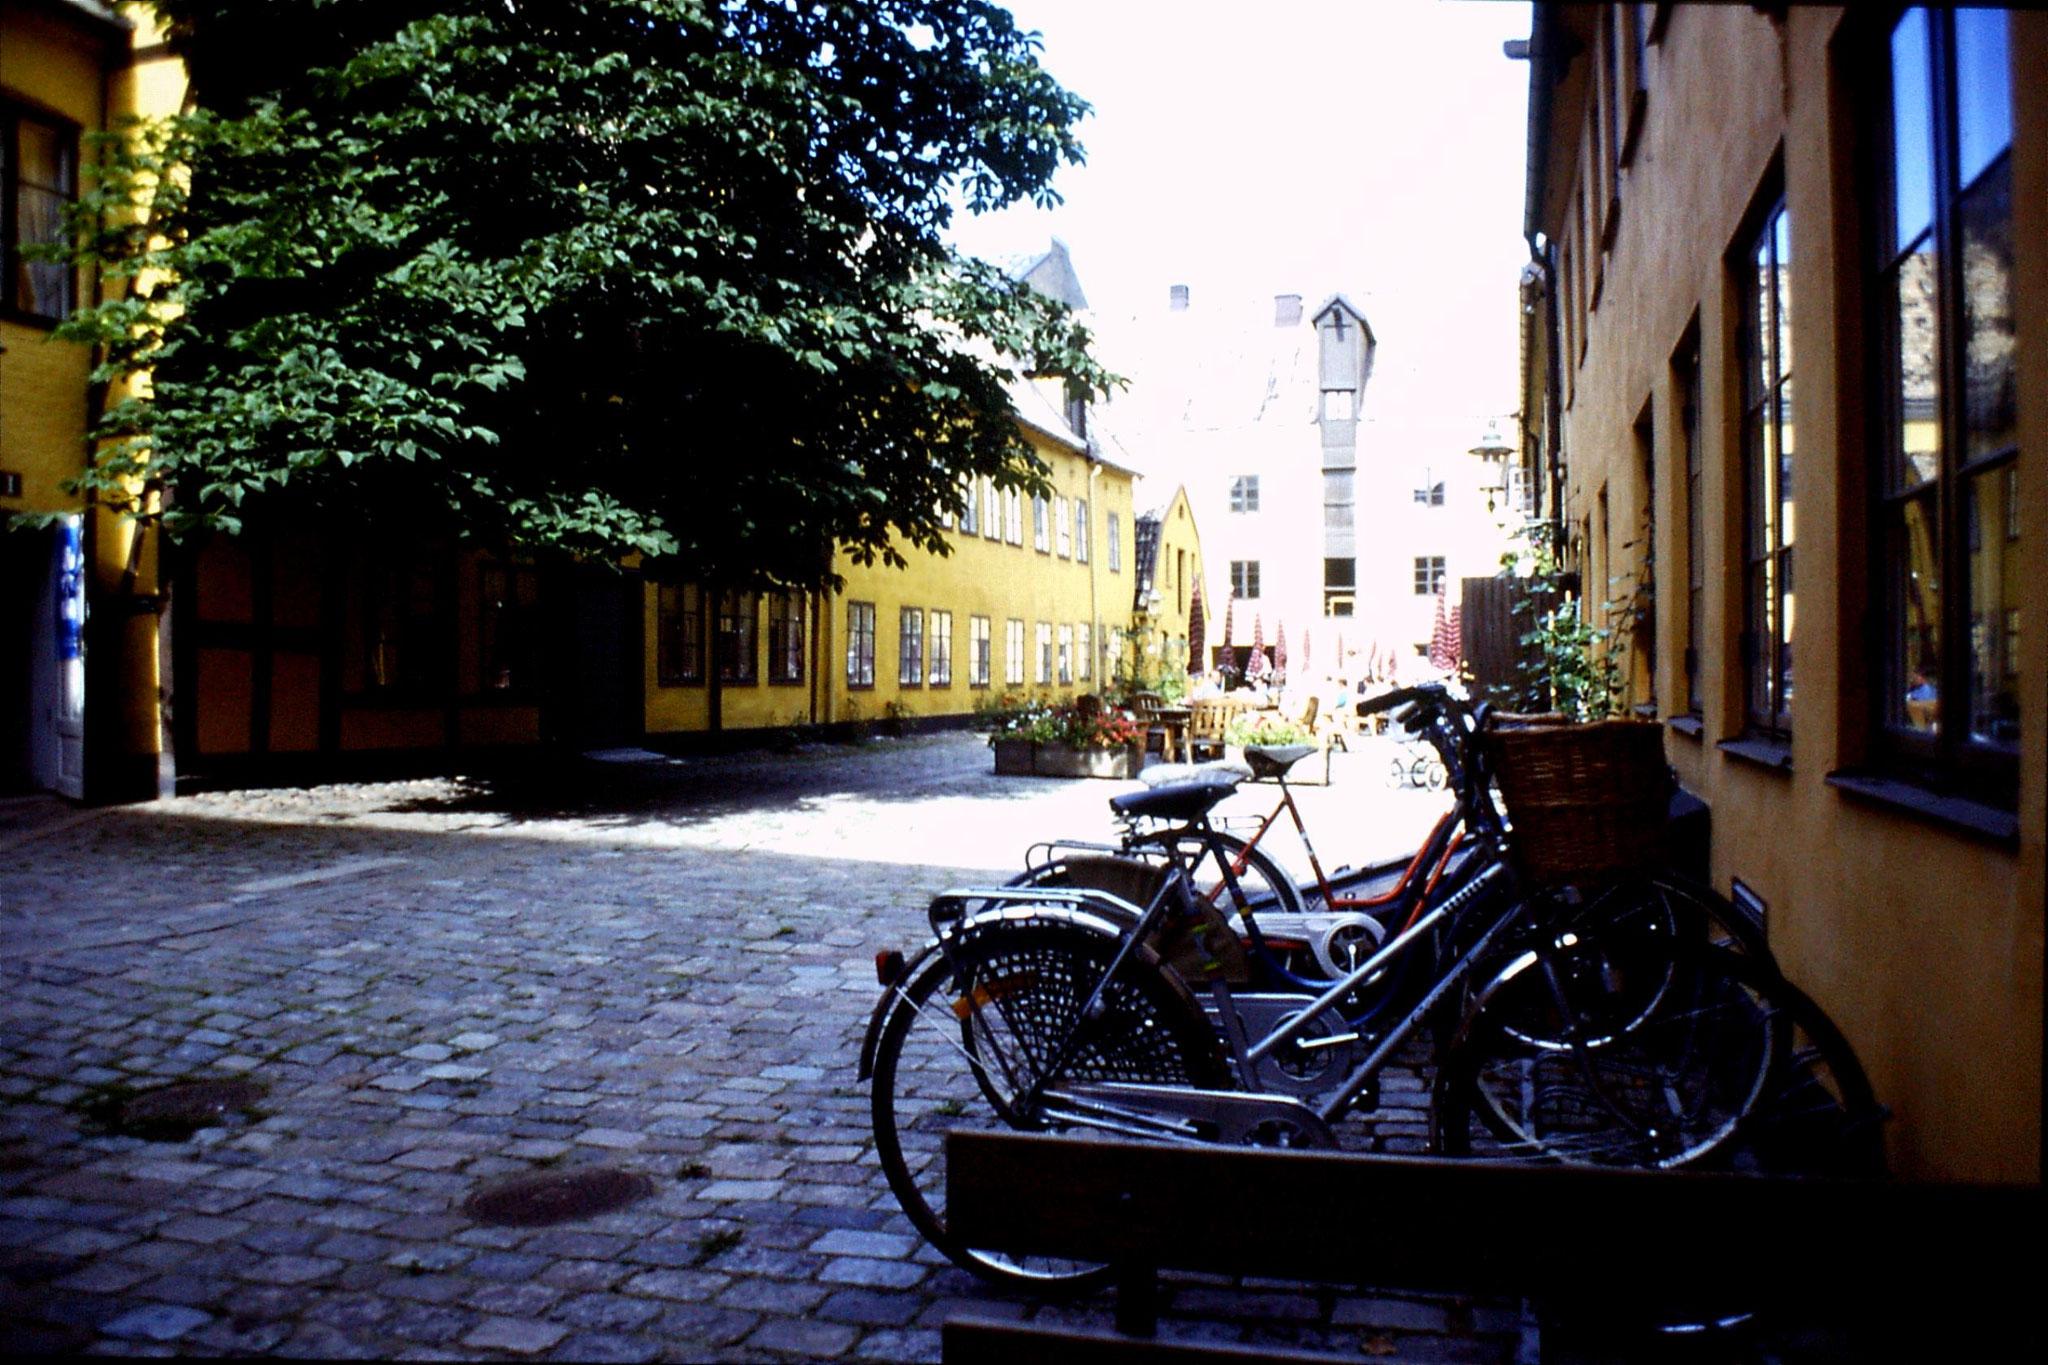 1/9/1988: 22: Malmo St Gertrude courtyard